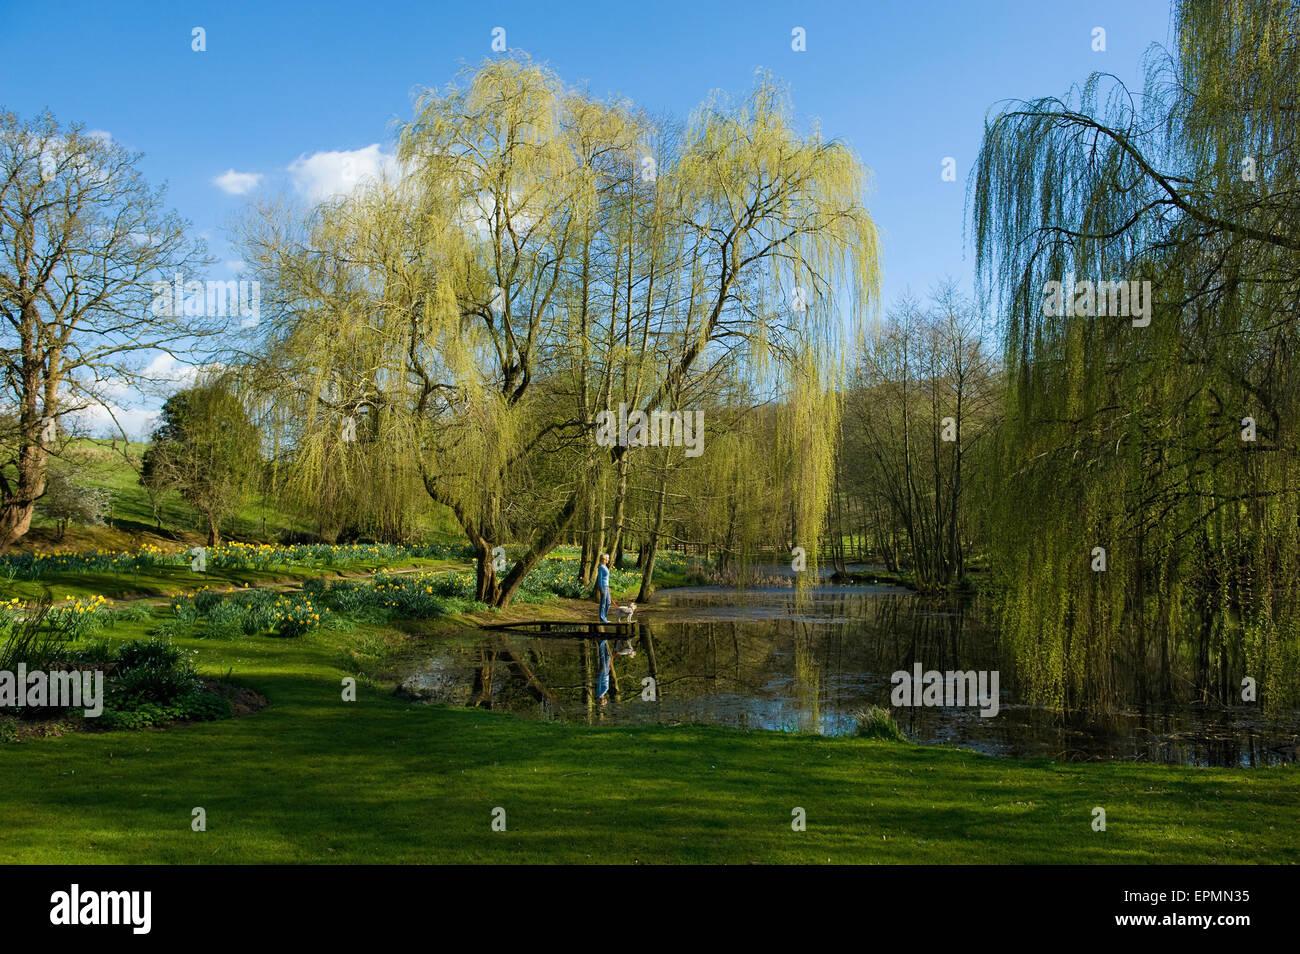 Une femme et un chien debout sur une jetée sur un lac, avec saule pleureur frondes atteignant jusqu'à Photo Stock